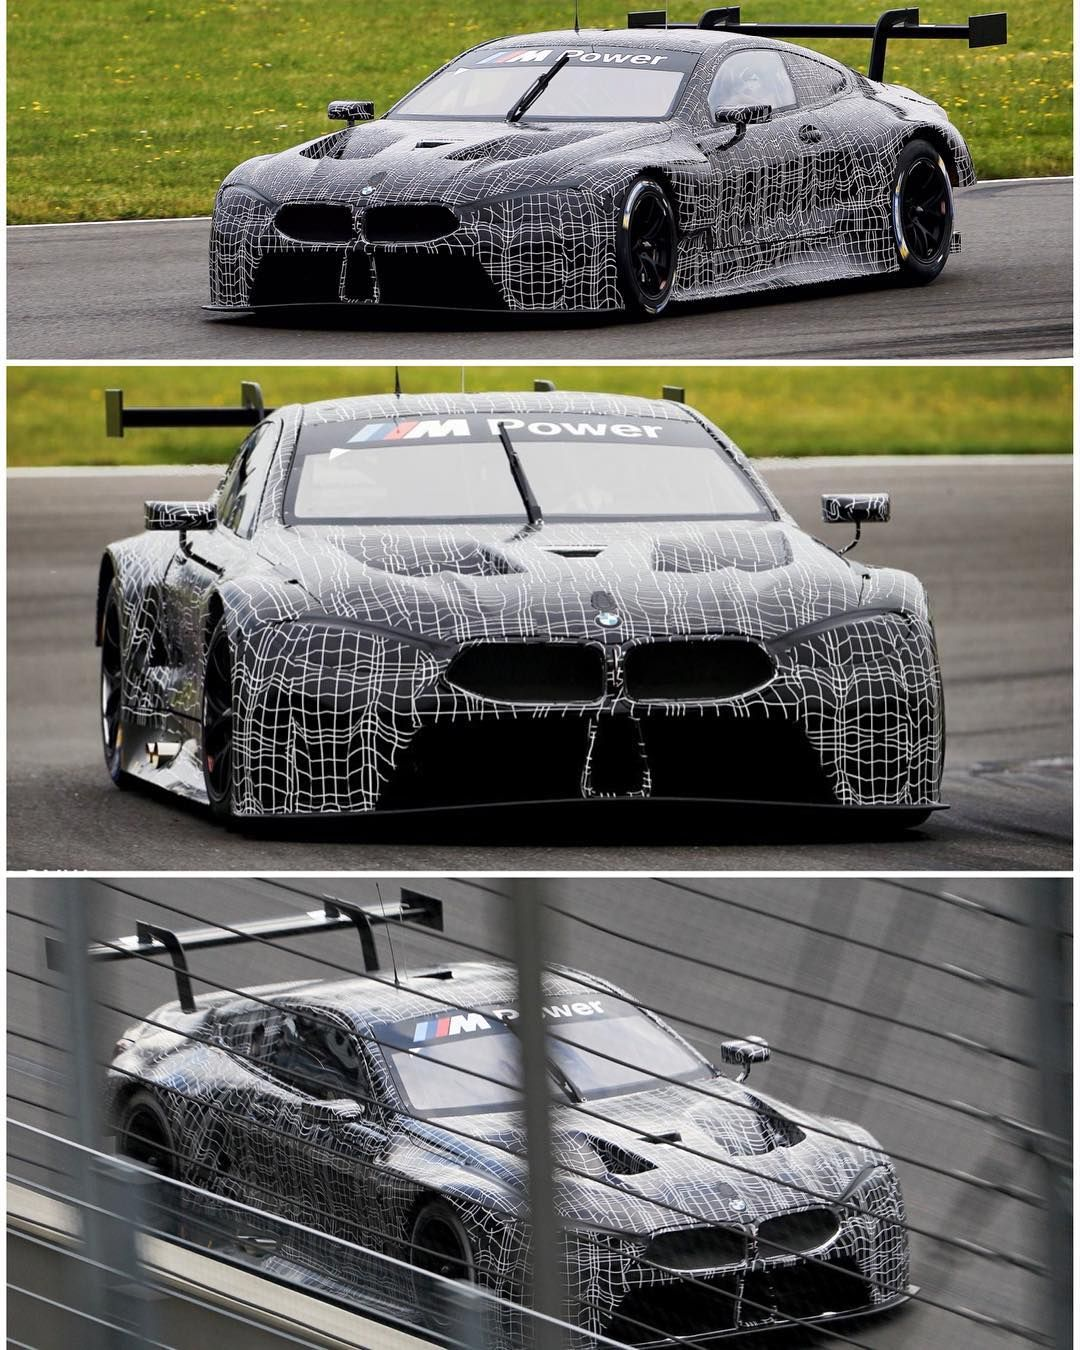 Bmw M8: 2018 BMW M8 GTE PRO ⚡️ #24heuresdumans #lemans24h